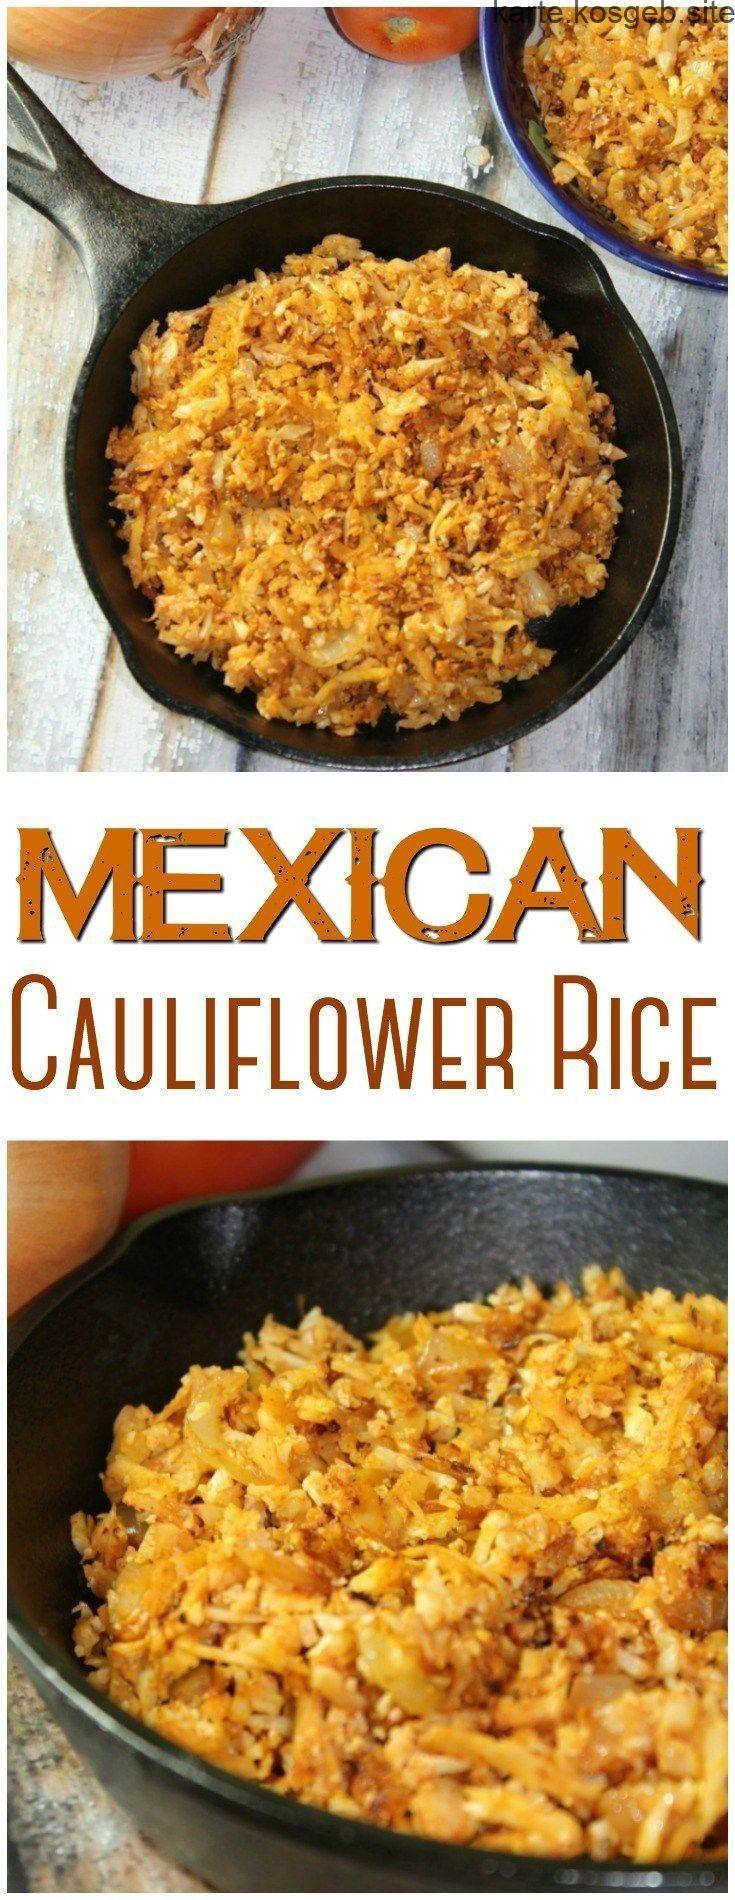 You can make this Mexican Cauliflower Rice in less than 15 minutes with simple i... - -  Mit einfachen Zutaten können Sie diesen mexikanischen Blumenkohlreis in weniger als 15 Minuten zubereiten! Es ist eine großartige kohlenhydratarme Alternative zu traditionellem mexikanischen Reis.